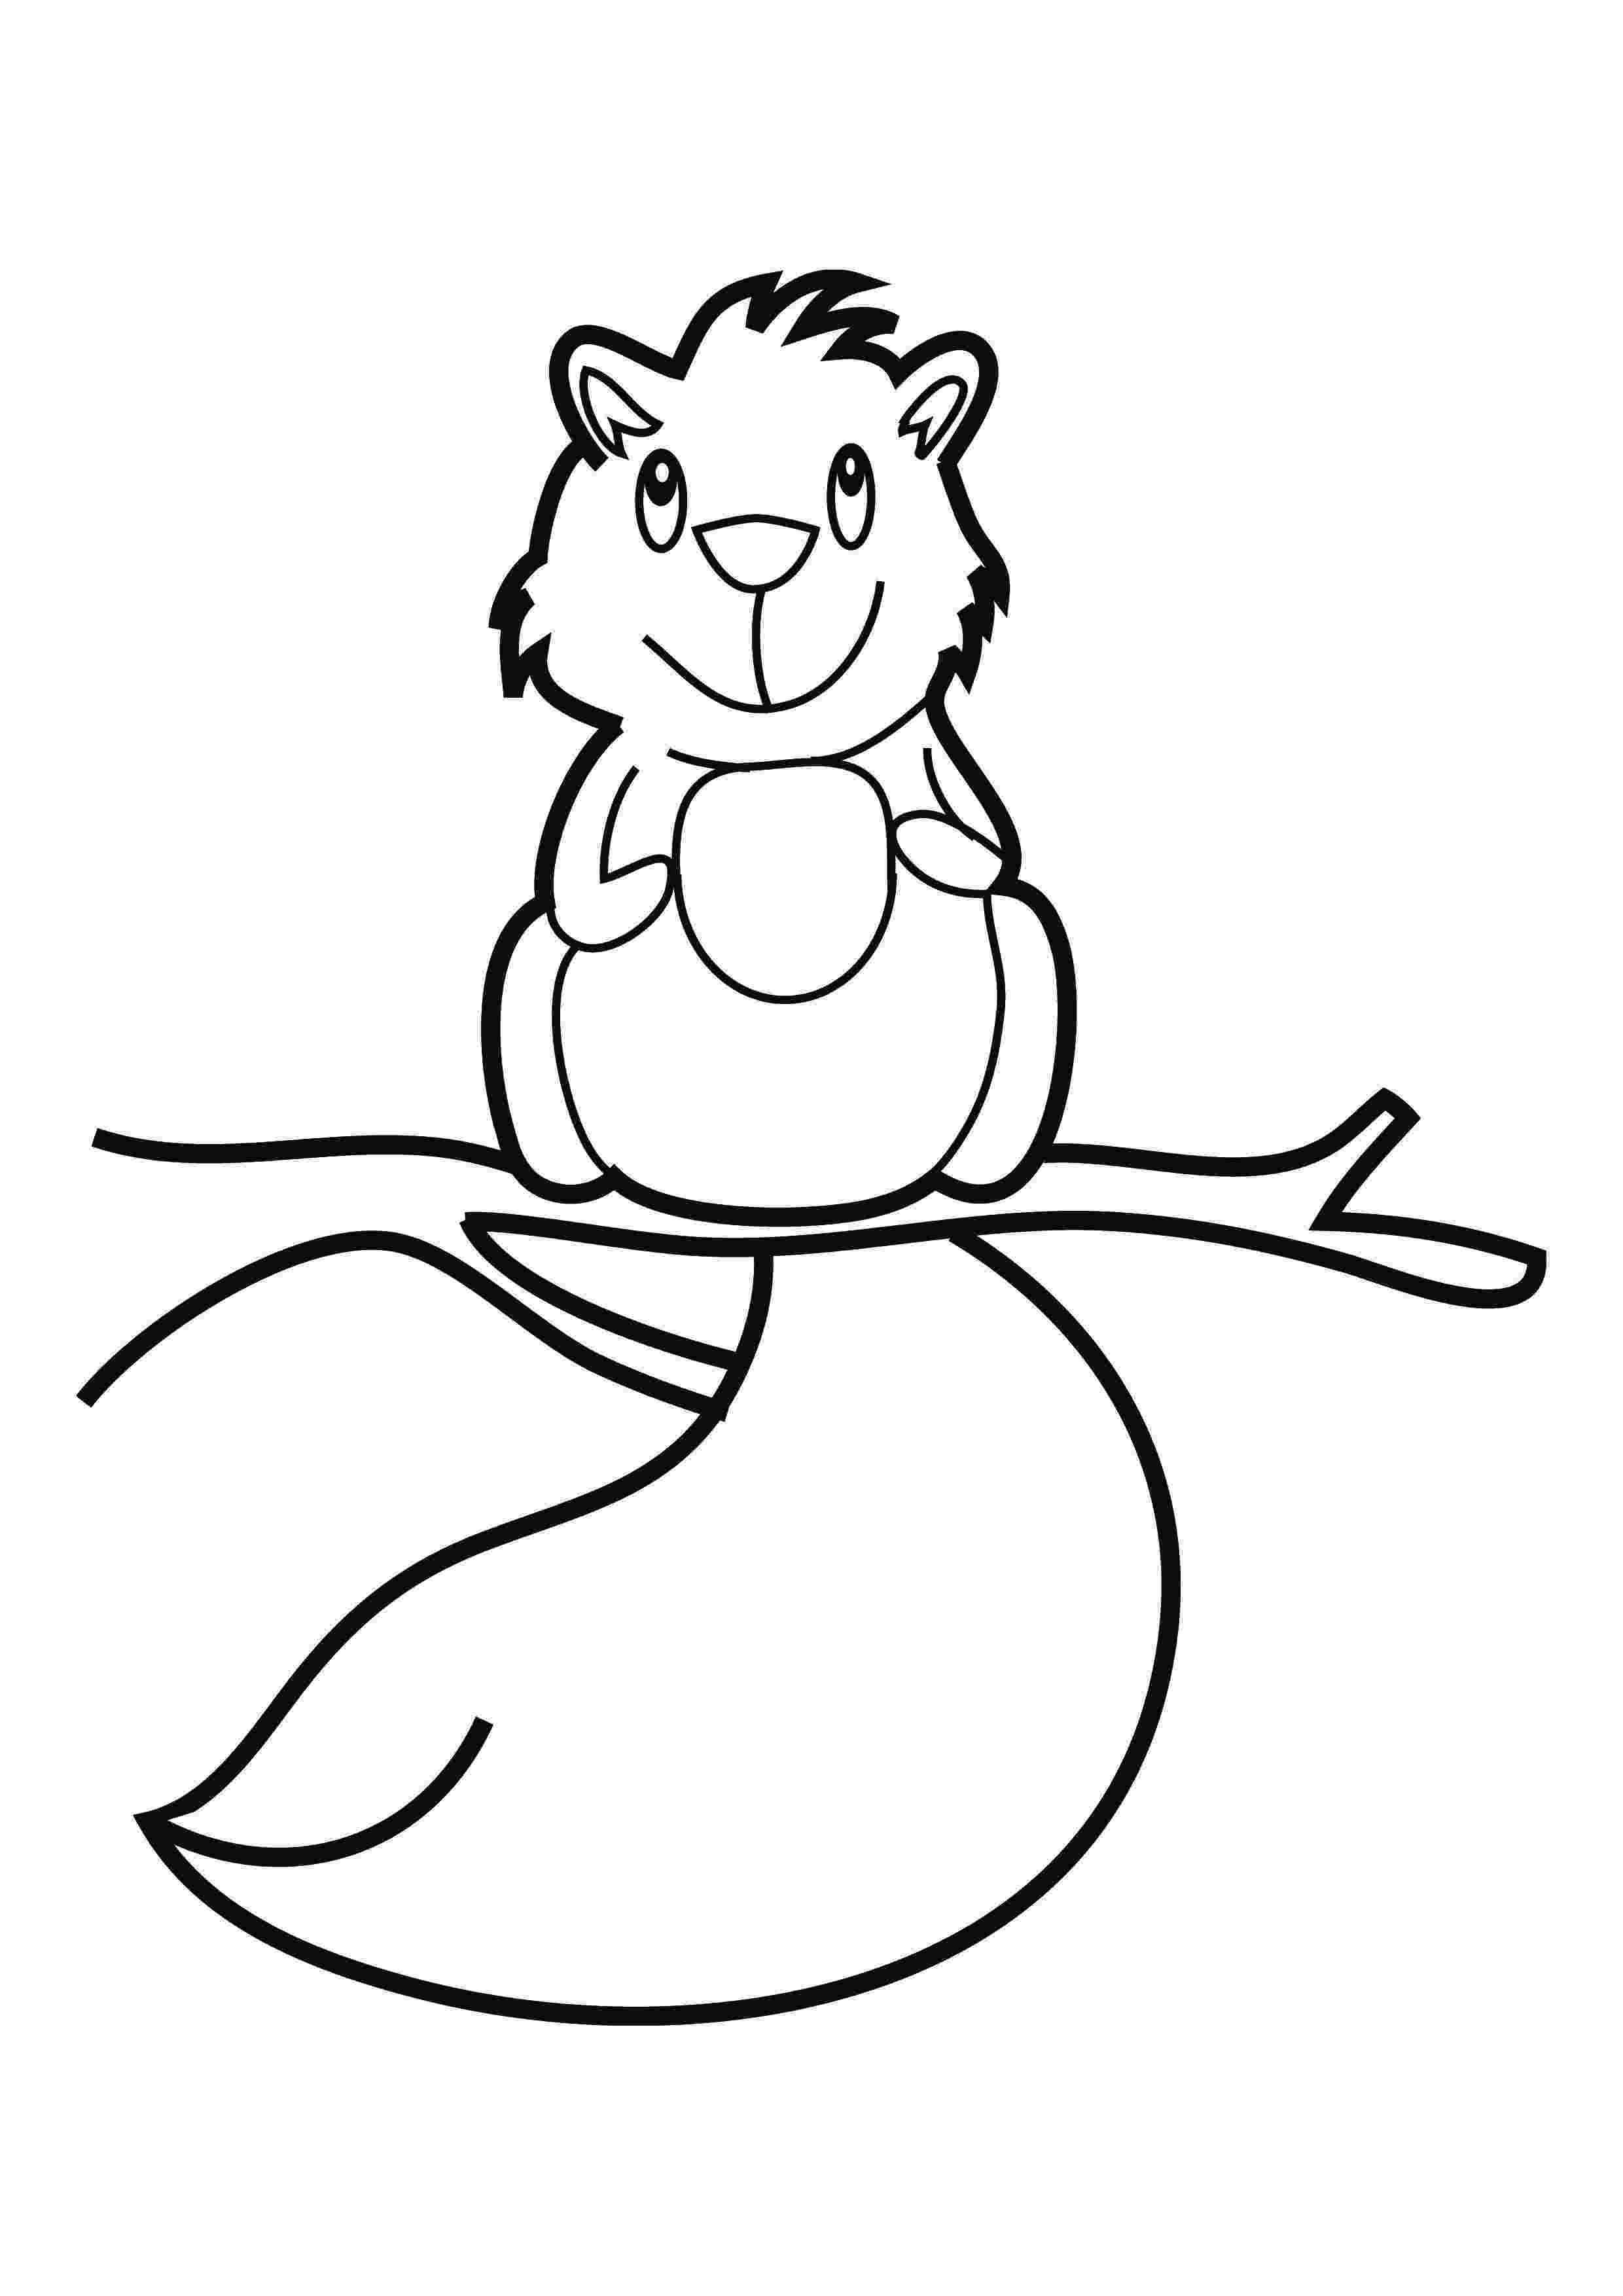 squirrel coloring page cartoon squirrel holding an acorn coloring page free squirrel page coloring